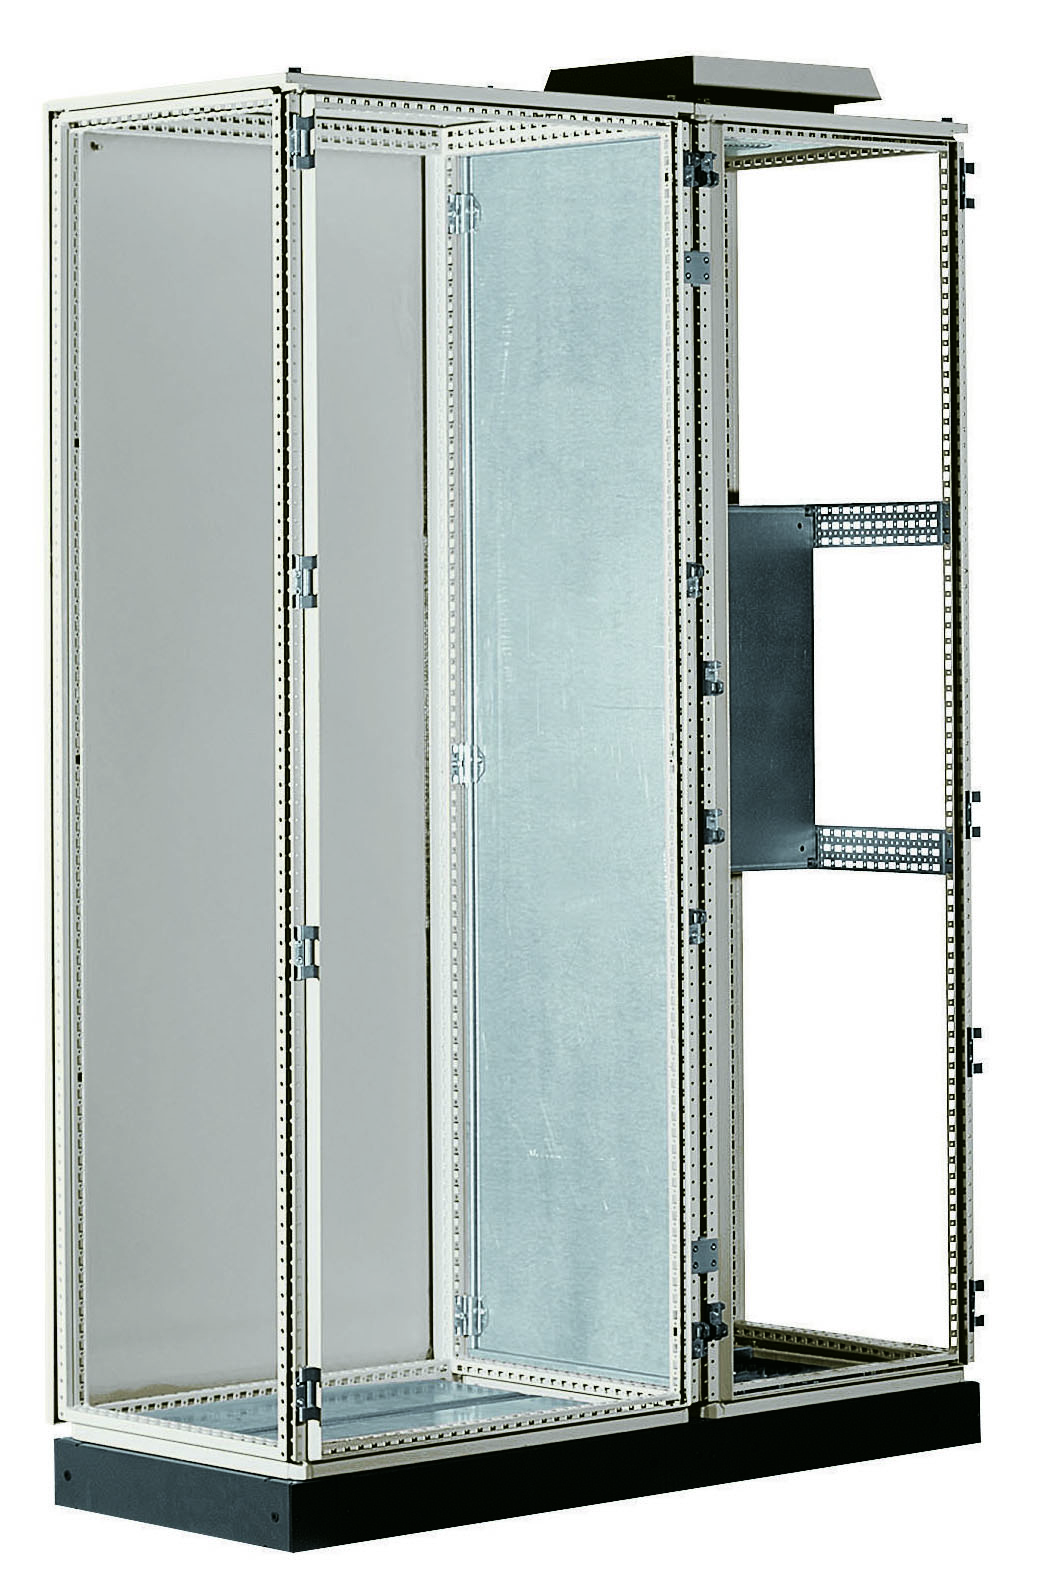 1 Stk Trennwand 1800x500mm ASTW1805--